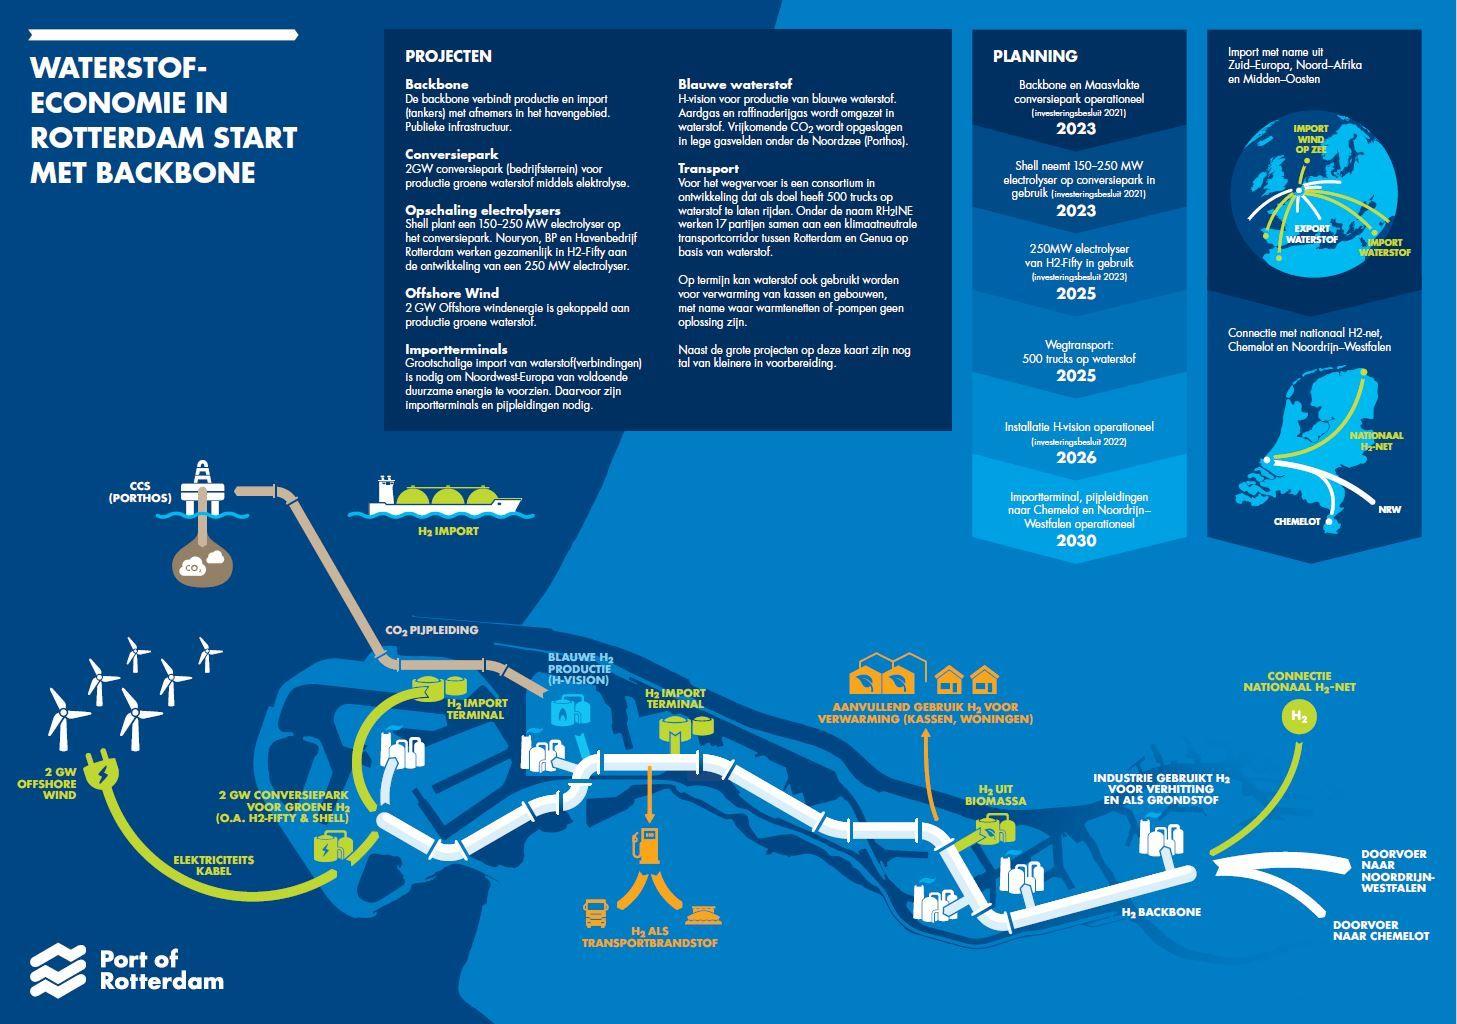 waterstofeconomie-in-rotterdam-start-met-backbone-Foto-Havenbedrijf-Rotterdam-pb-mei-2020